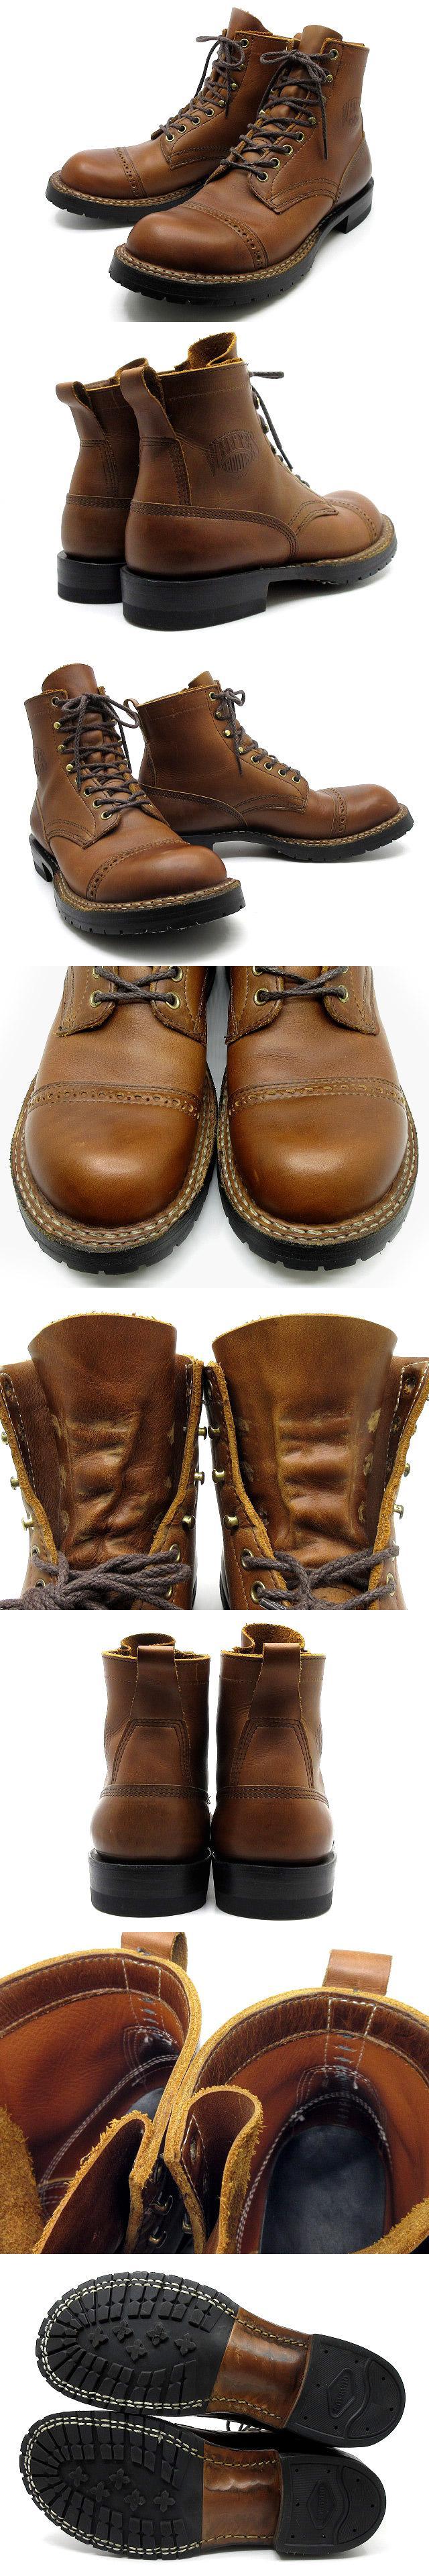 スモークジャンパー 6インチ ブーツ ドレストゥキャップ レザー ブラウン 8.5E 約26.5cm 美品